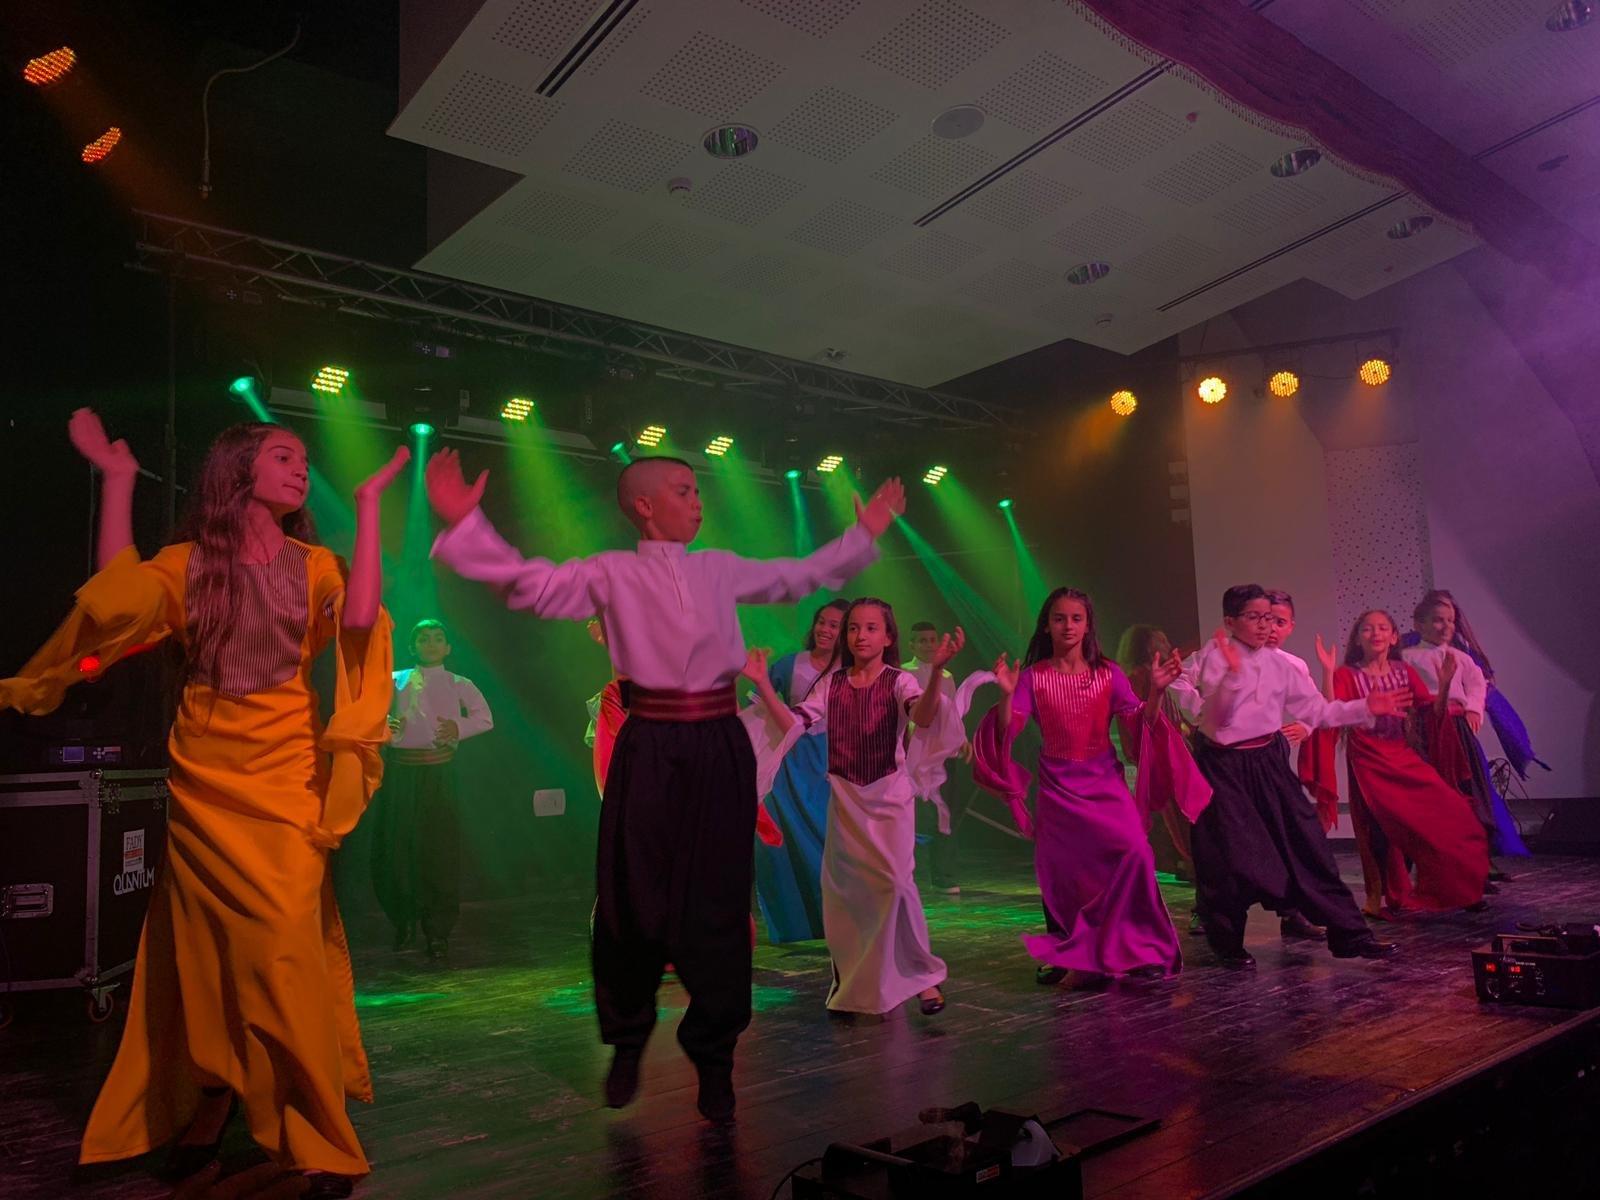 بلدية الطيبة: اِنطلاق مهرجان التراث والفلكلور الفلسطيني وعروض الدبكة في المدينة